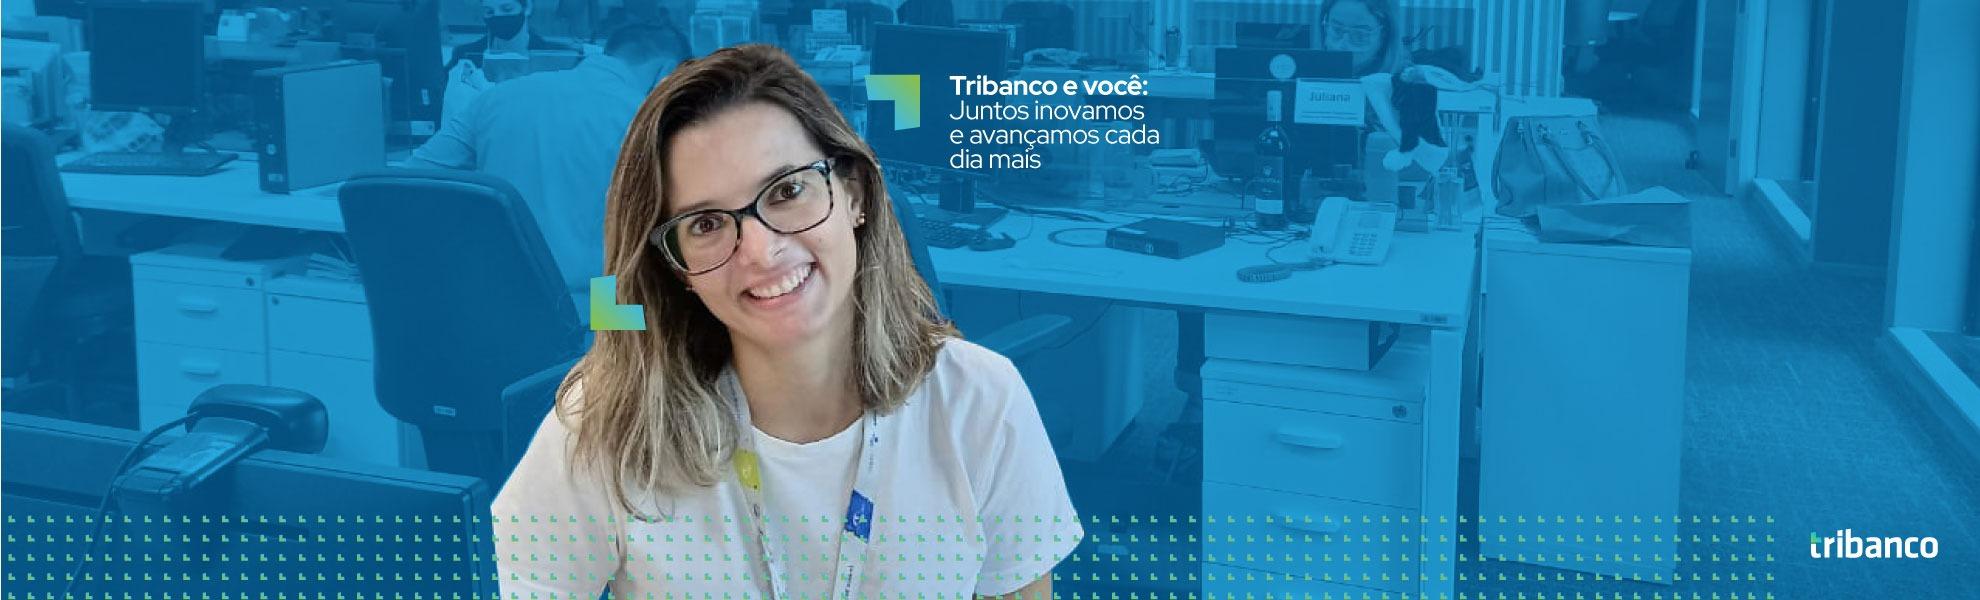 Coordenador Planejamento Estratégico e Gestão de Capital - Uberlândia/MG ou São Paulo/SP